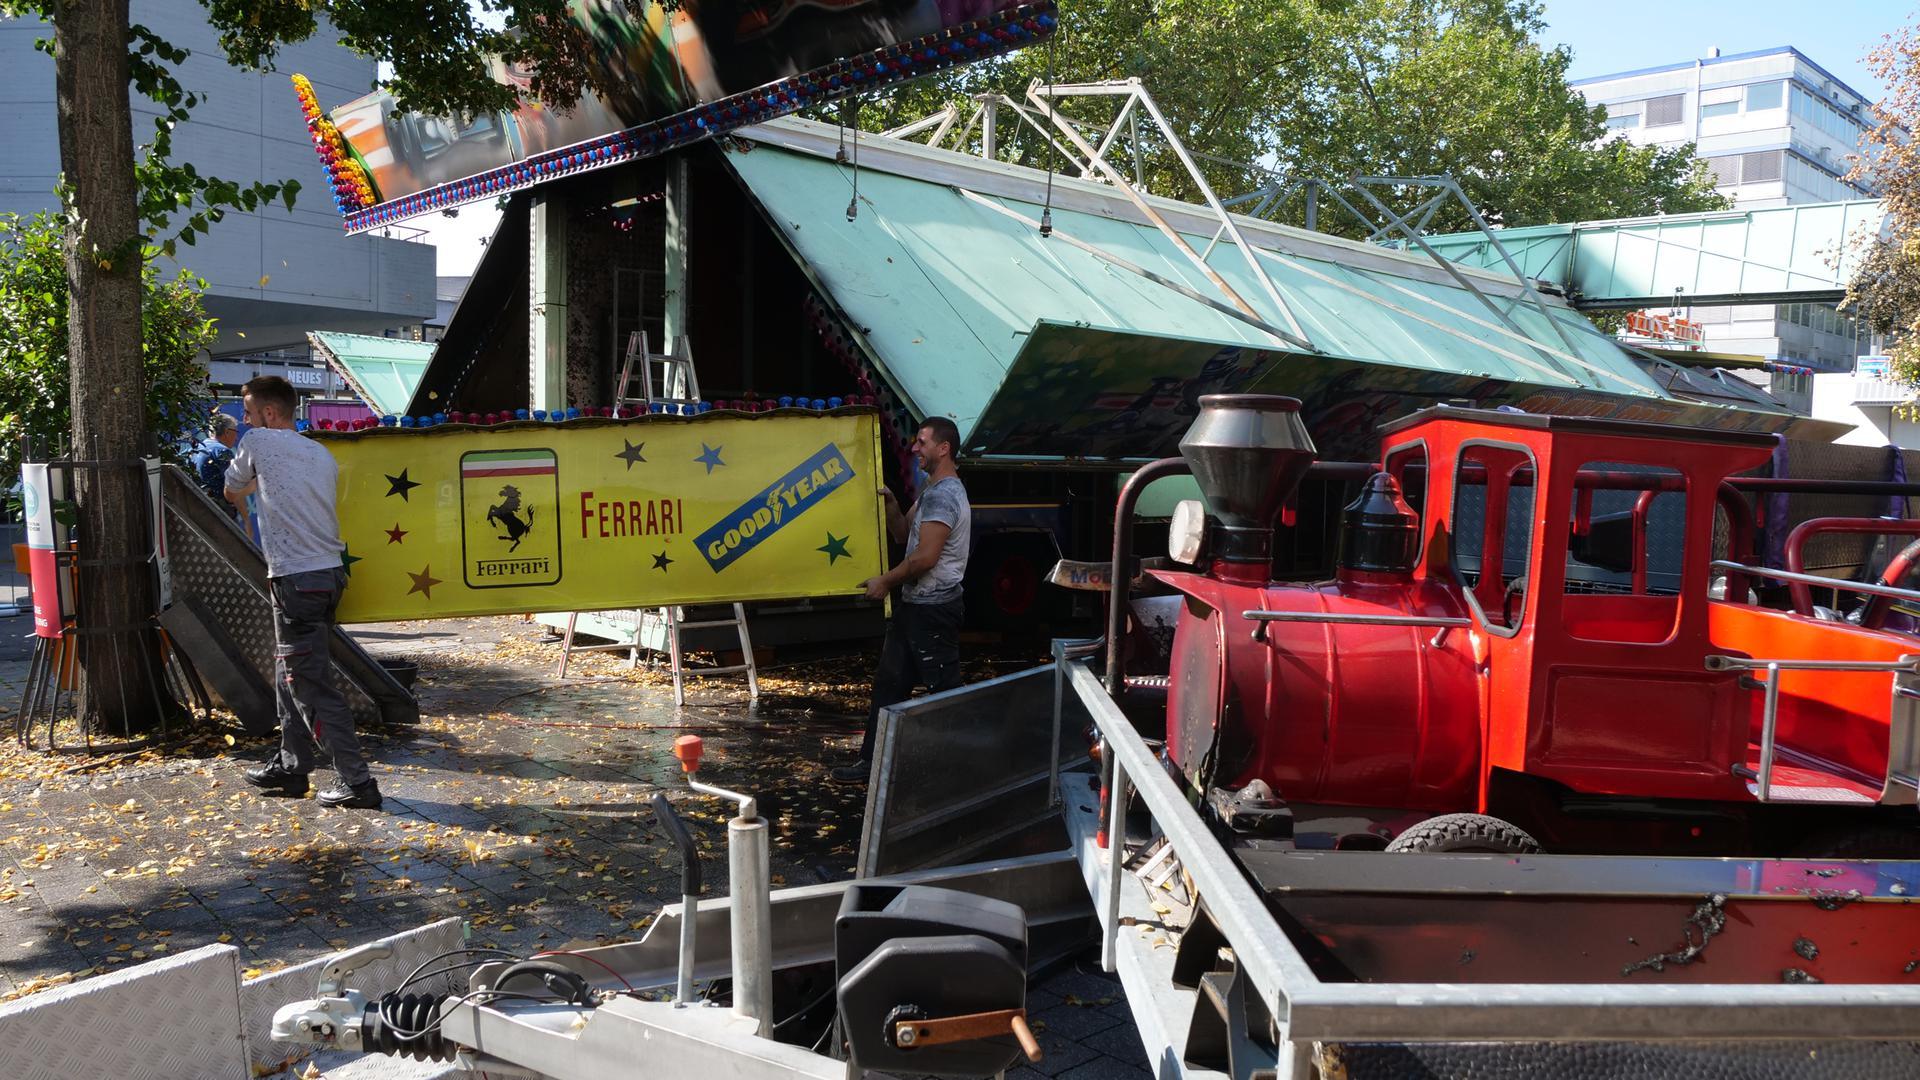 Zwei Männer tragen einen Teil des Karussels weg, im Vordergrund ist eine angekokelte Mini-Lokomotive.